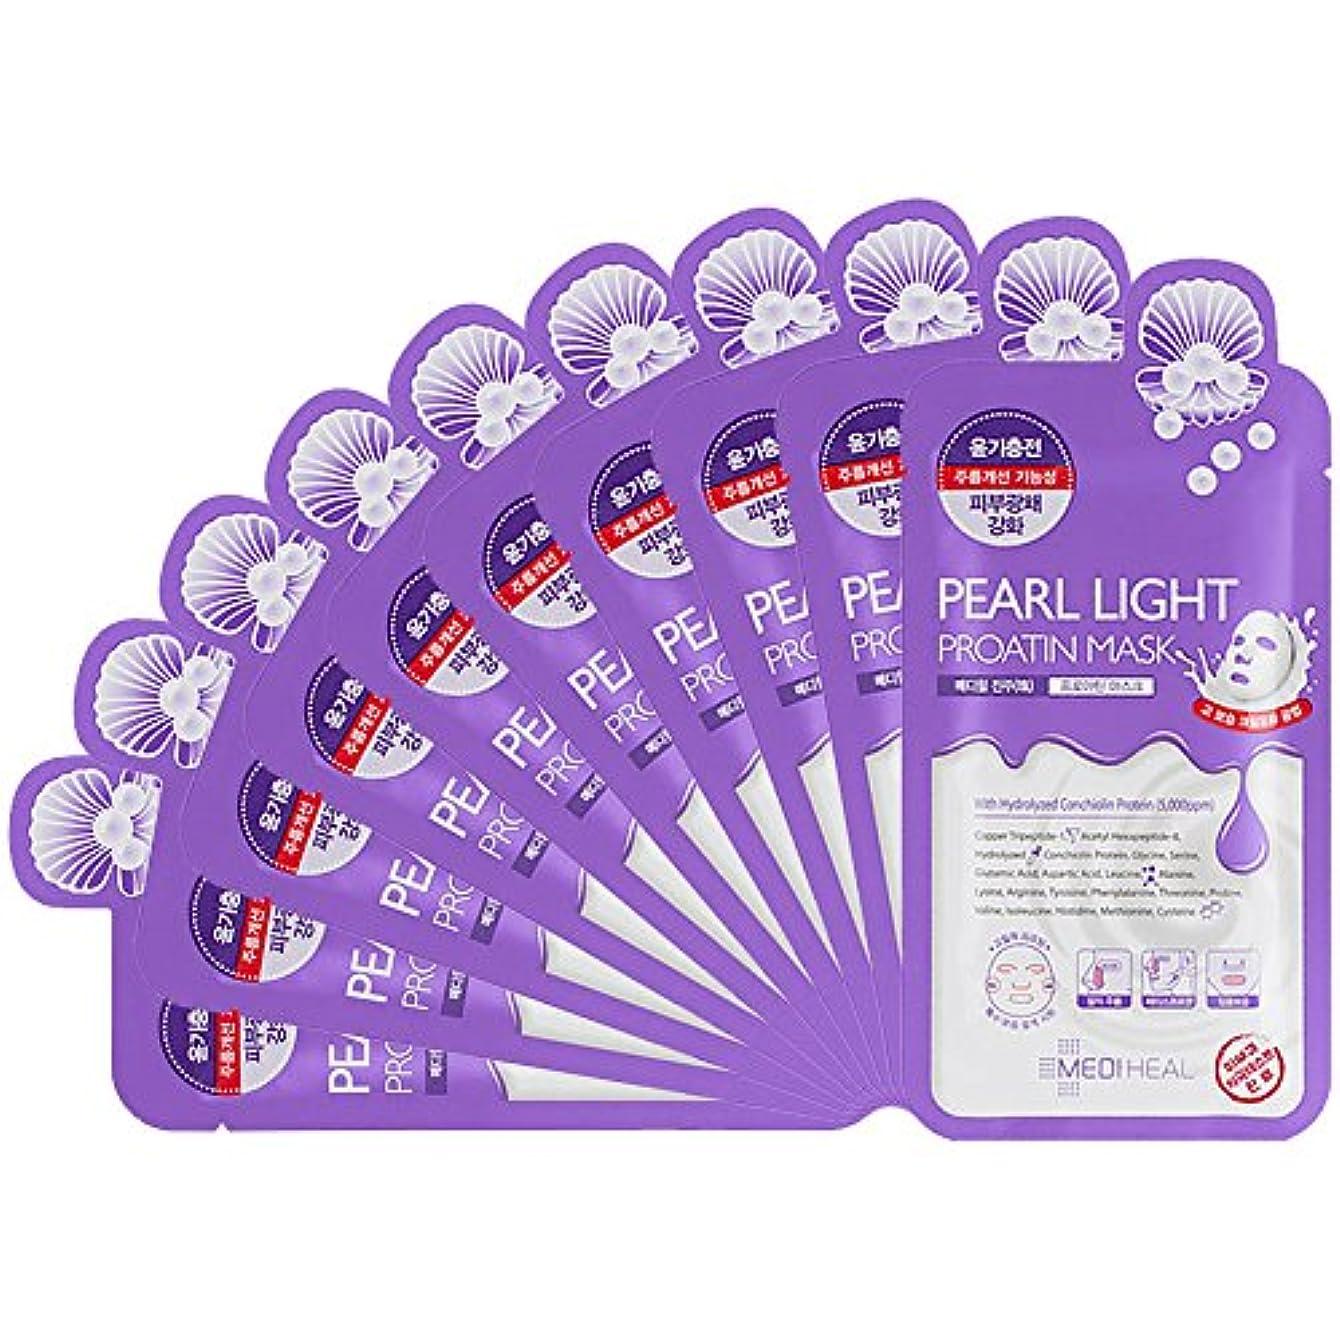 期待する過激派怖がらせる[[MEDIHEAL]] メディヒールパールライトプロアチン マスクPearl Light Proatin Mask 10pc